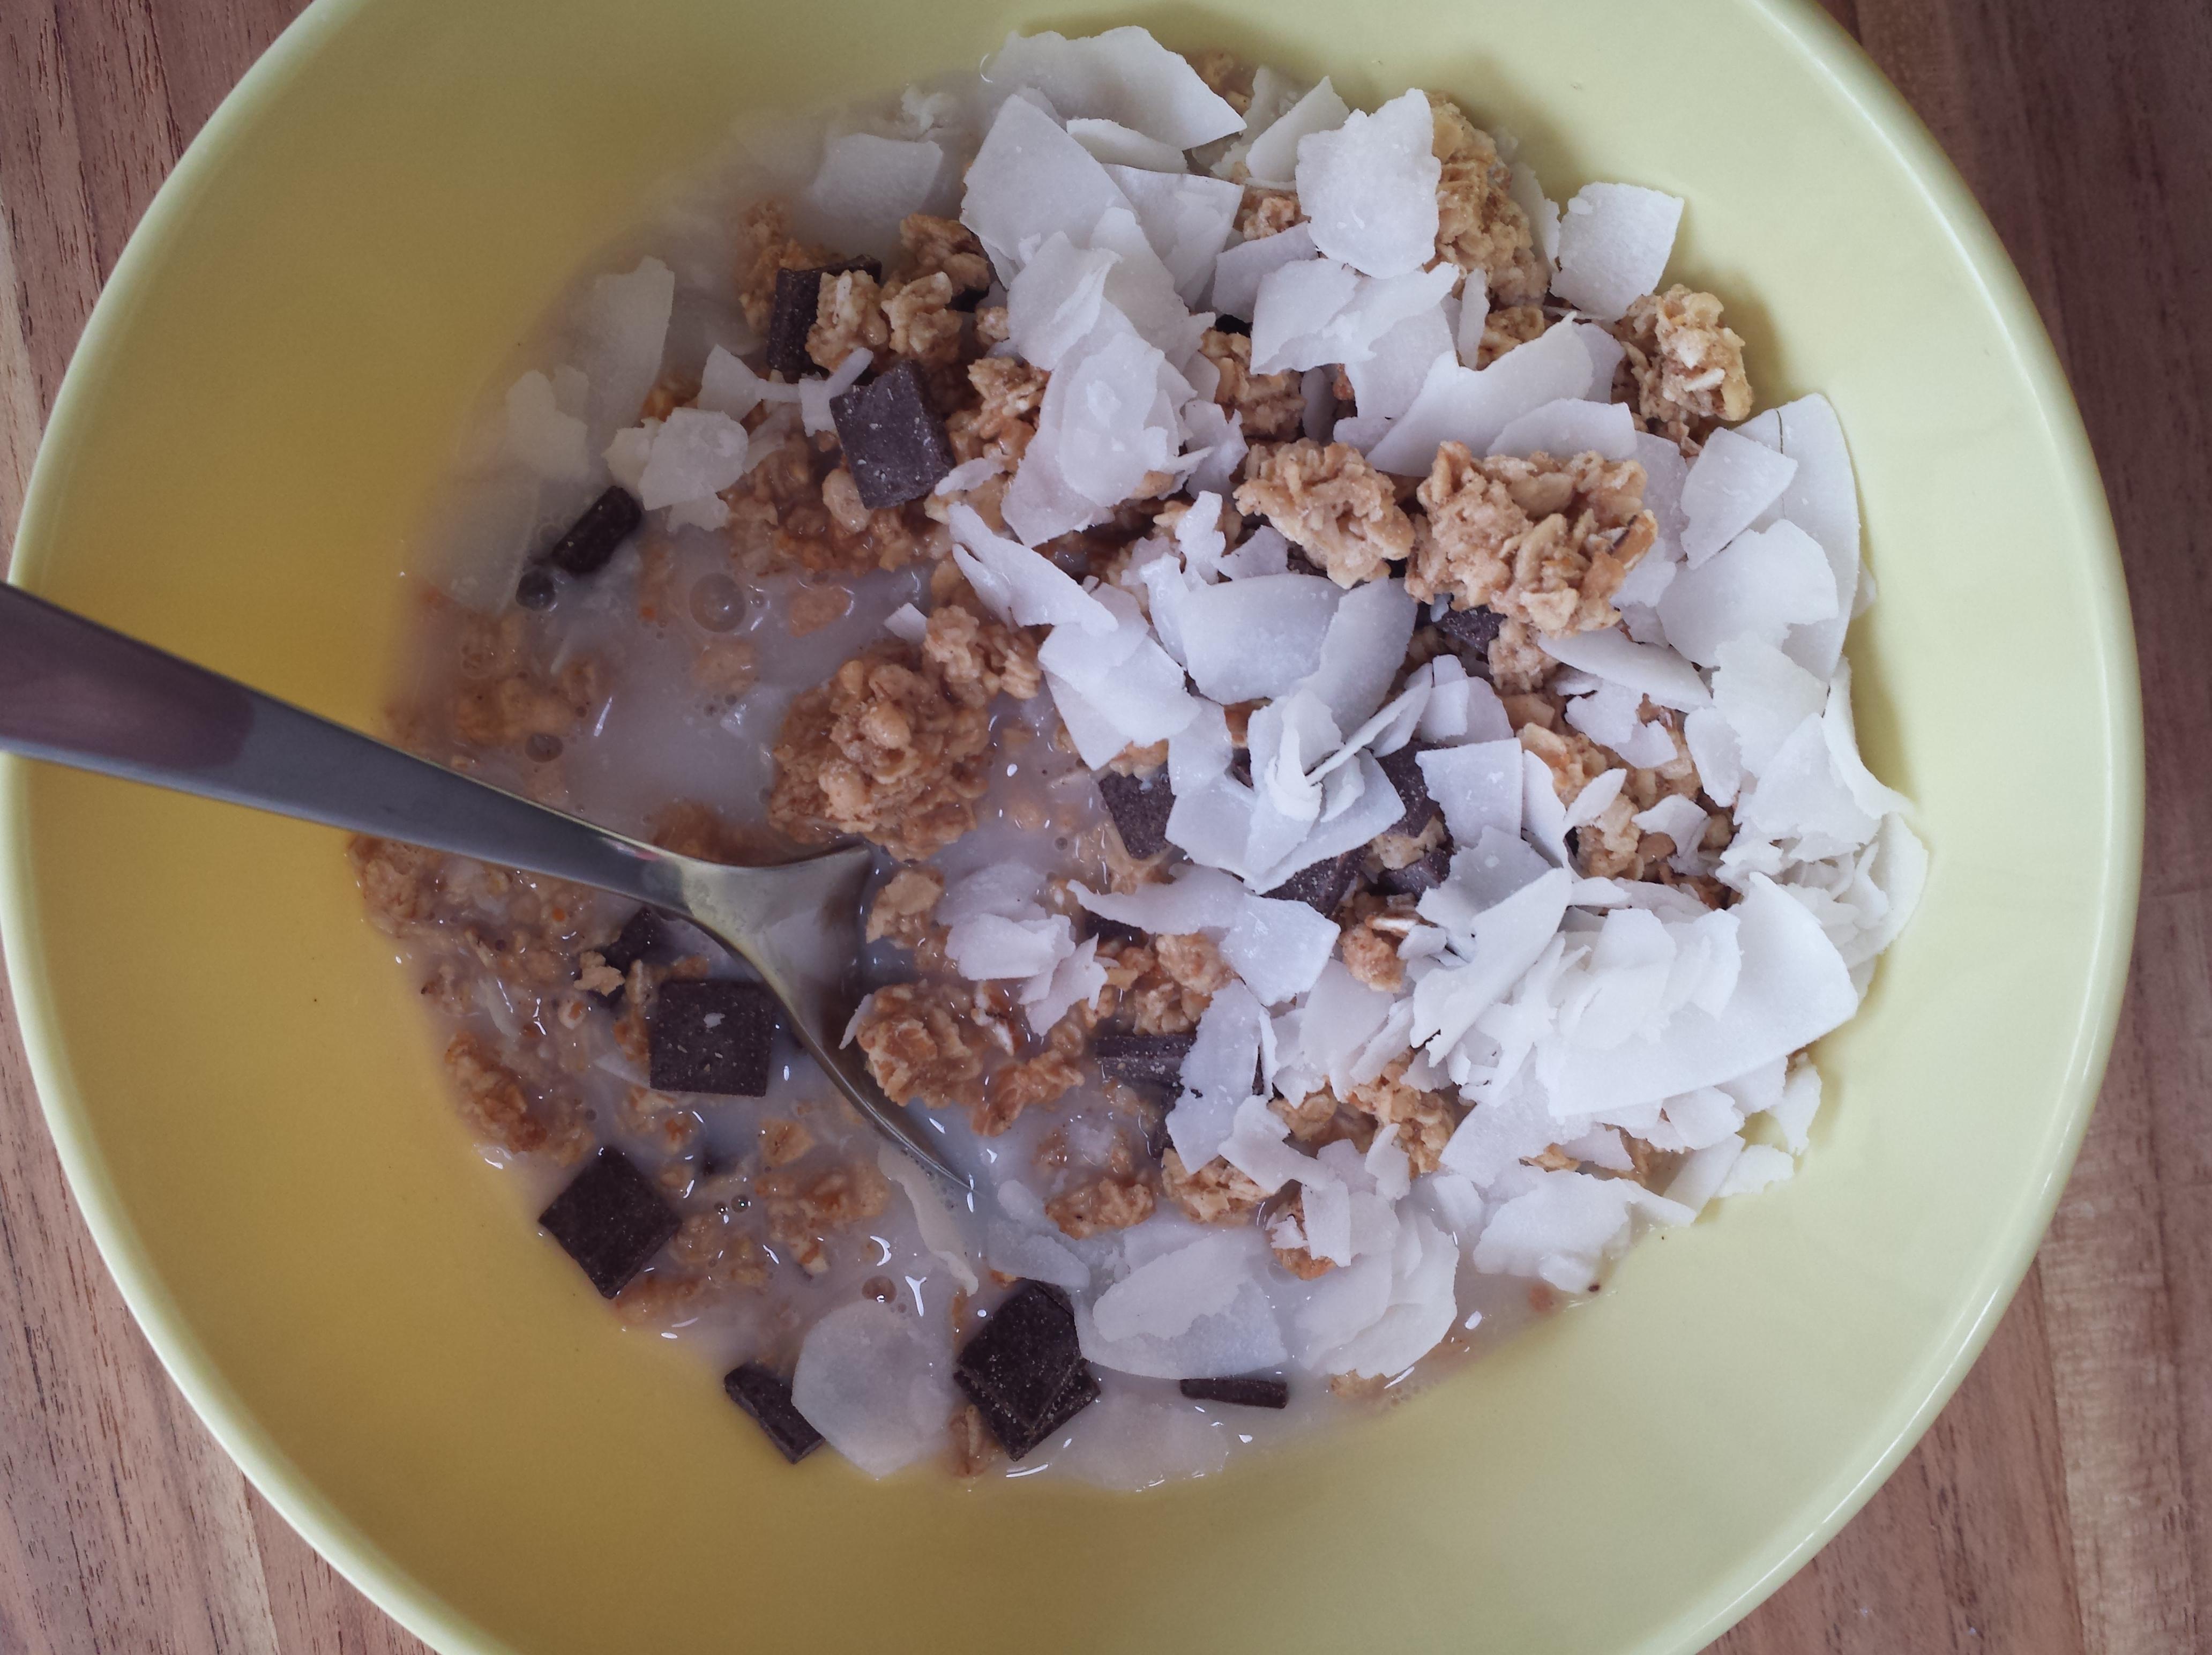 Yummy breakfast... coconut milk, coconut, chocolate & grains...yummy!